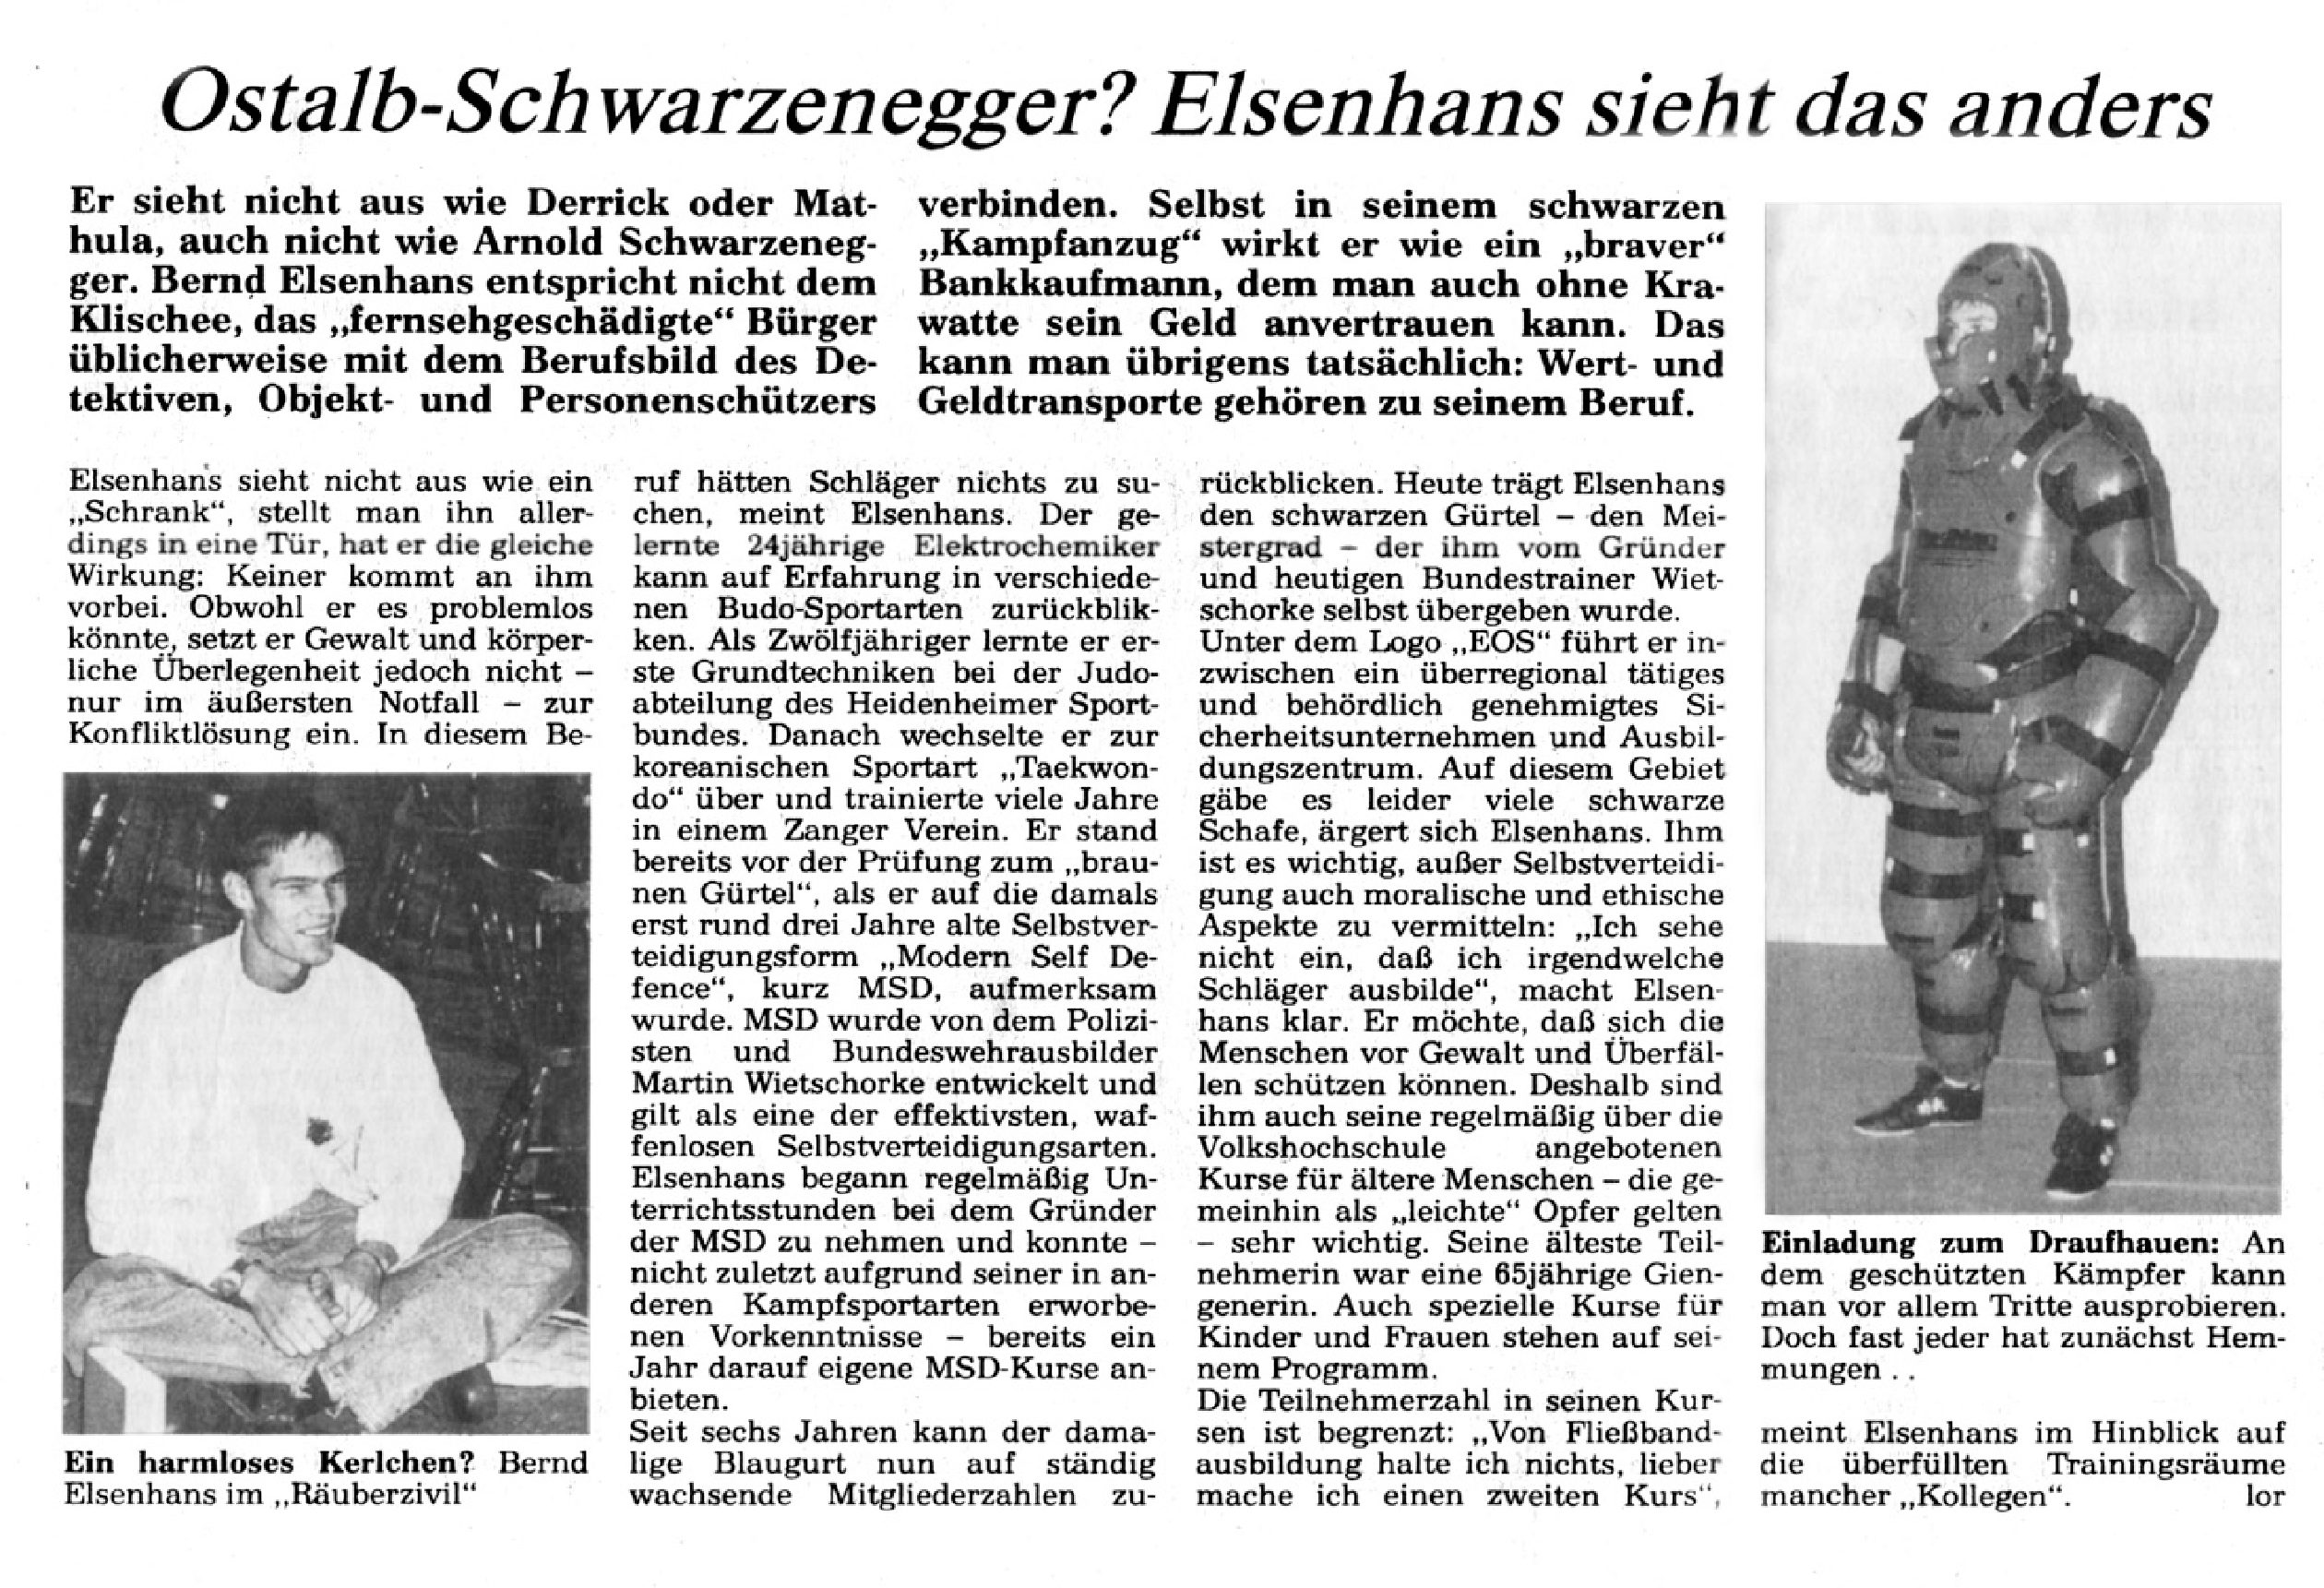 Ostalb-Schwarzenegger? Elsenhans sieht das anders